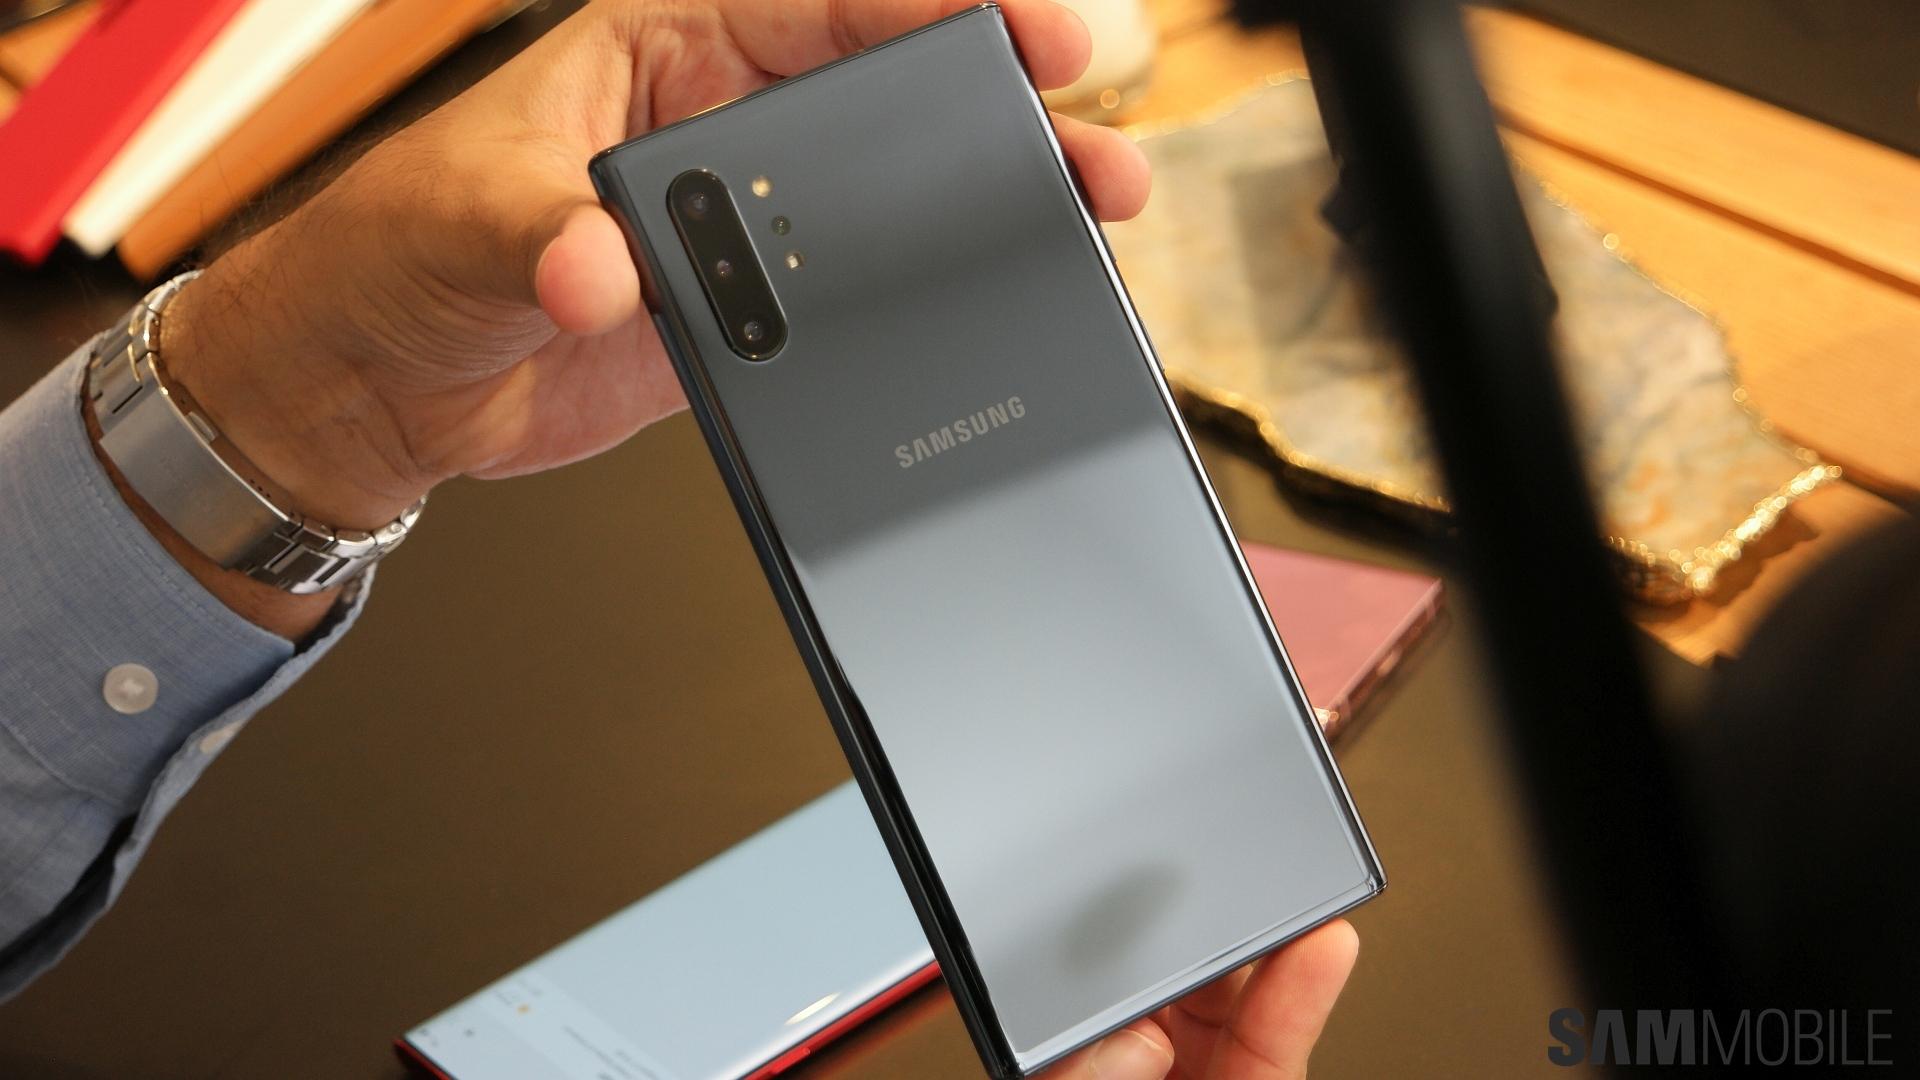 Galaxy S9/Galaxy S9+ vs Galaxy Note 10 vs Note 10+ specs comparison